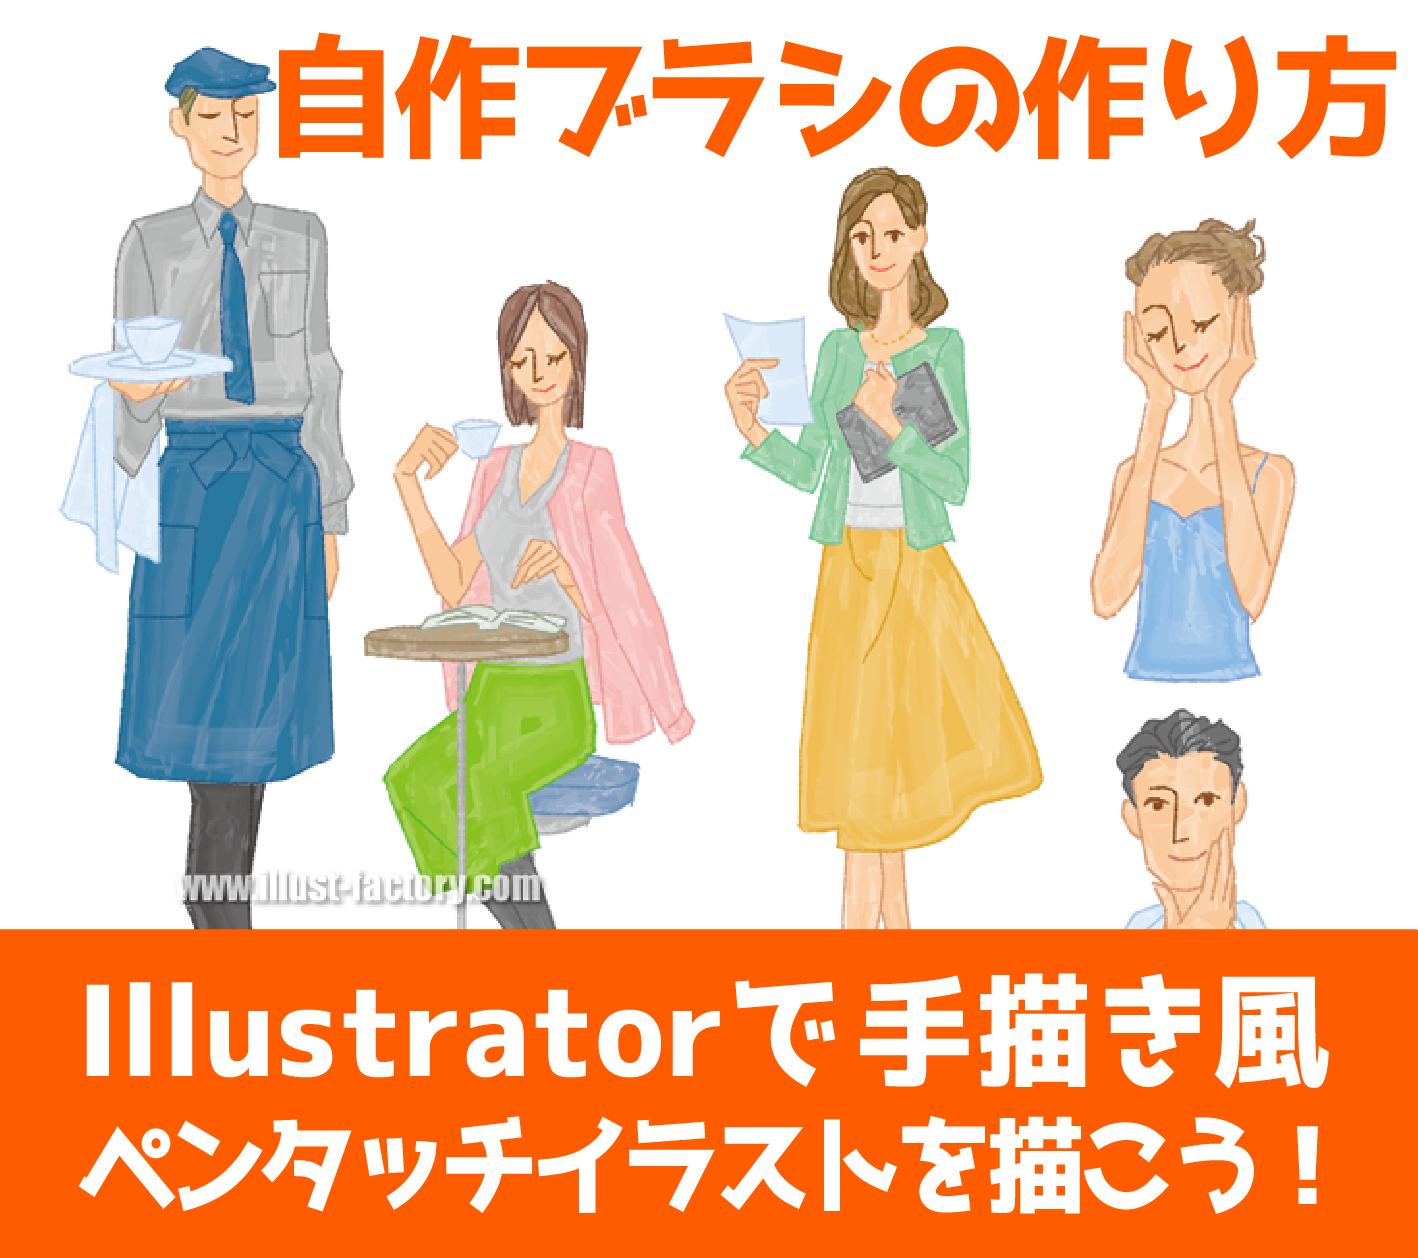 Illustratorで手描き風ペンタッチイラストを描こう・完成イメージ